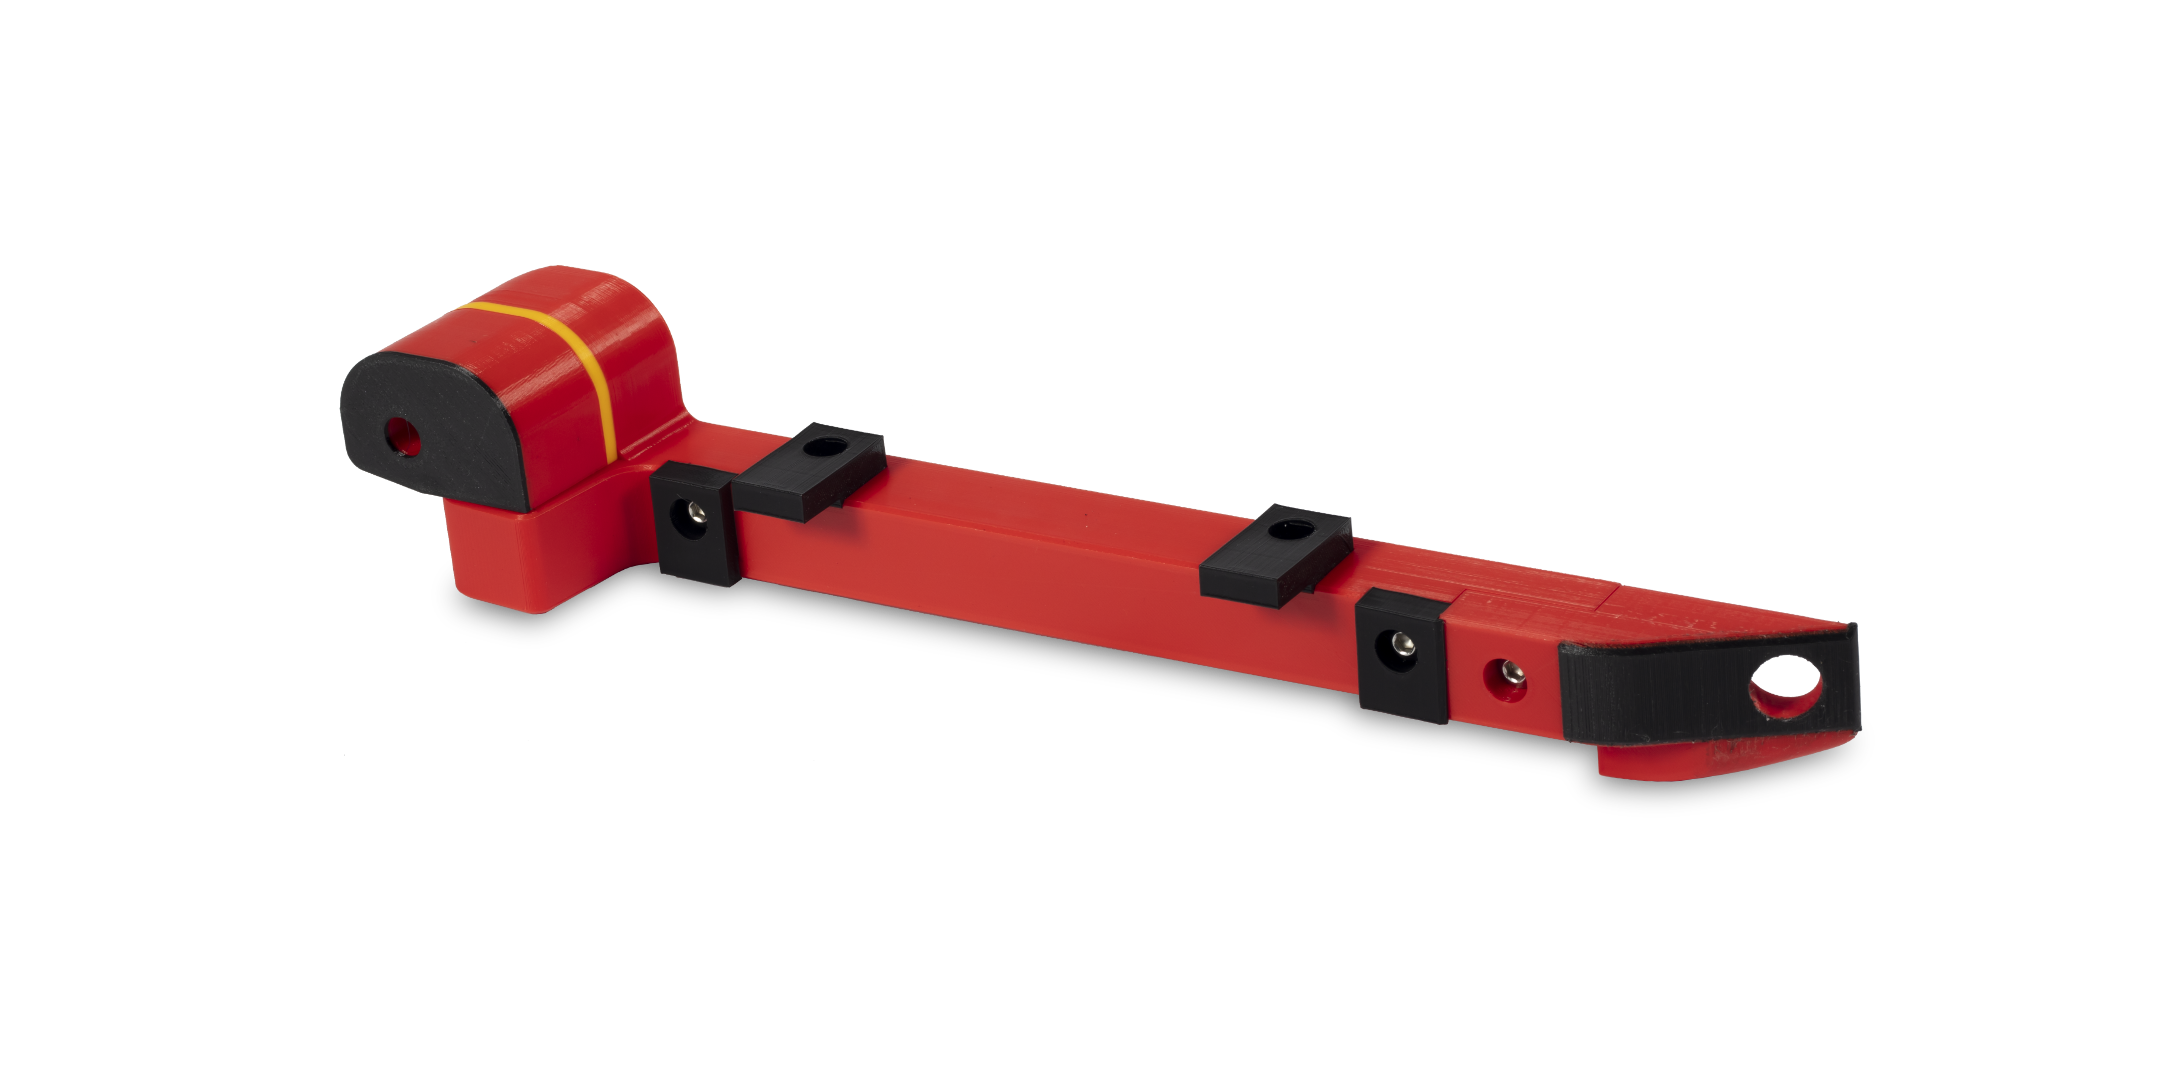 Rote Vorrichtung mit schwarzen Indikator-Elementen